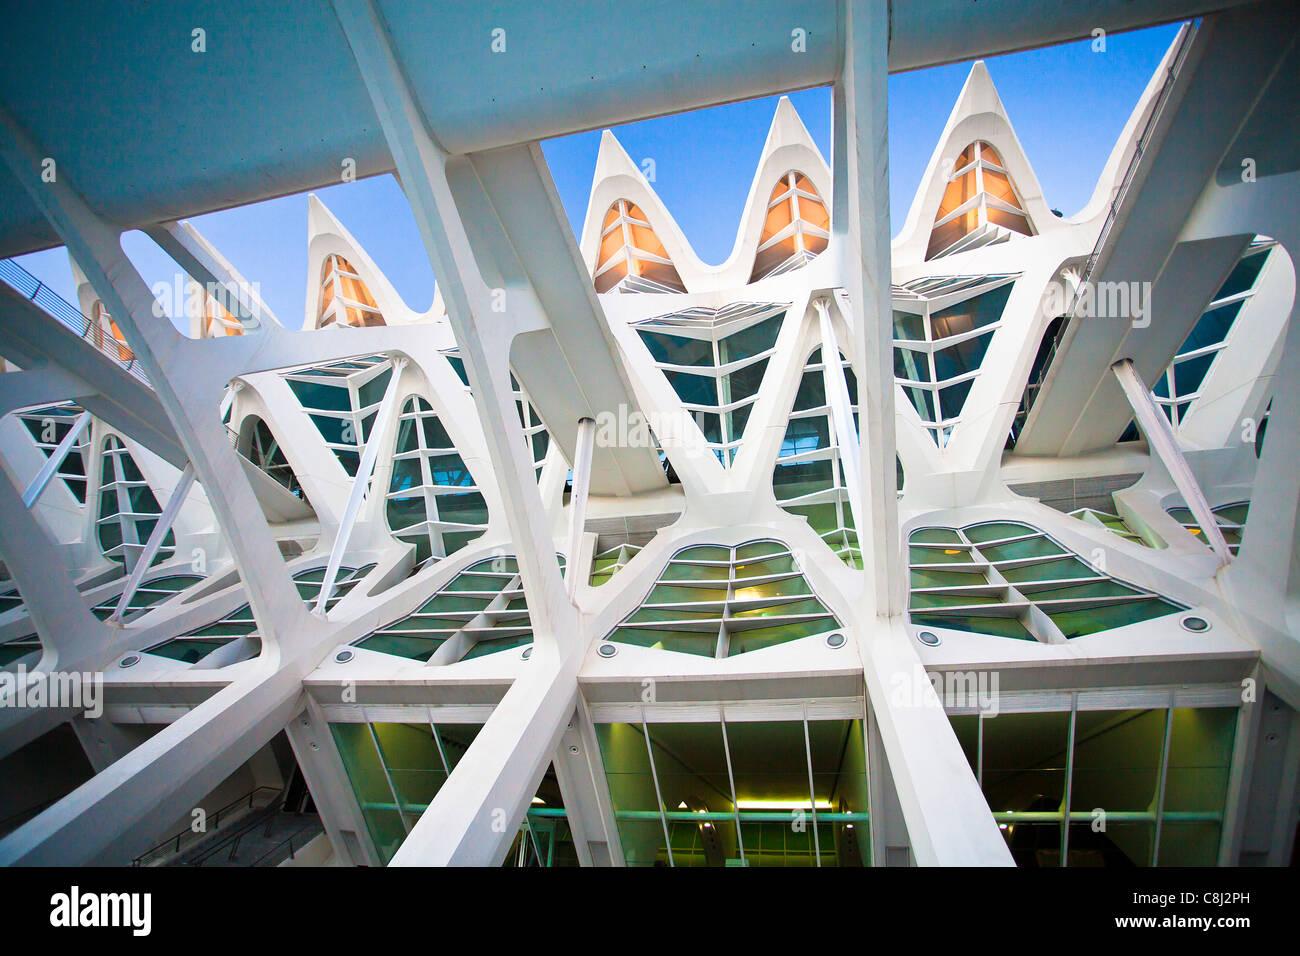 Spanien, Europa, Valencia, Stadt der Künste und Wissenschaft, Calatrava, Architektur, modern, Struktur Stockbild